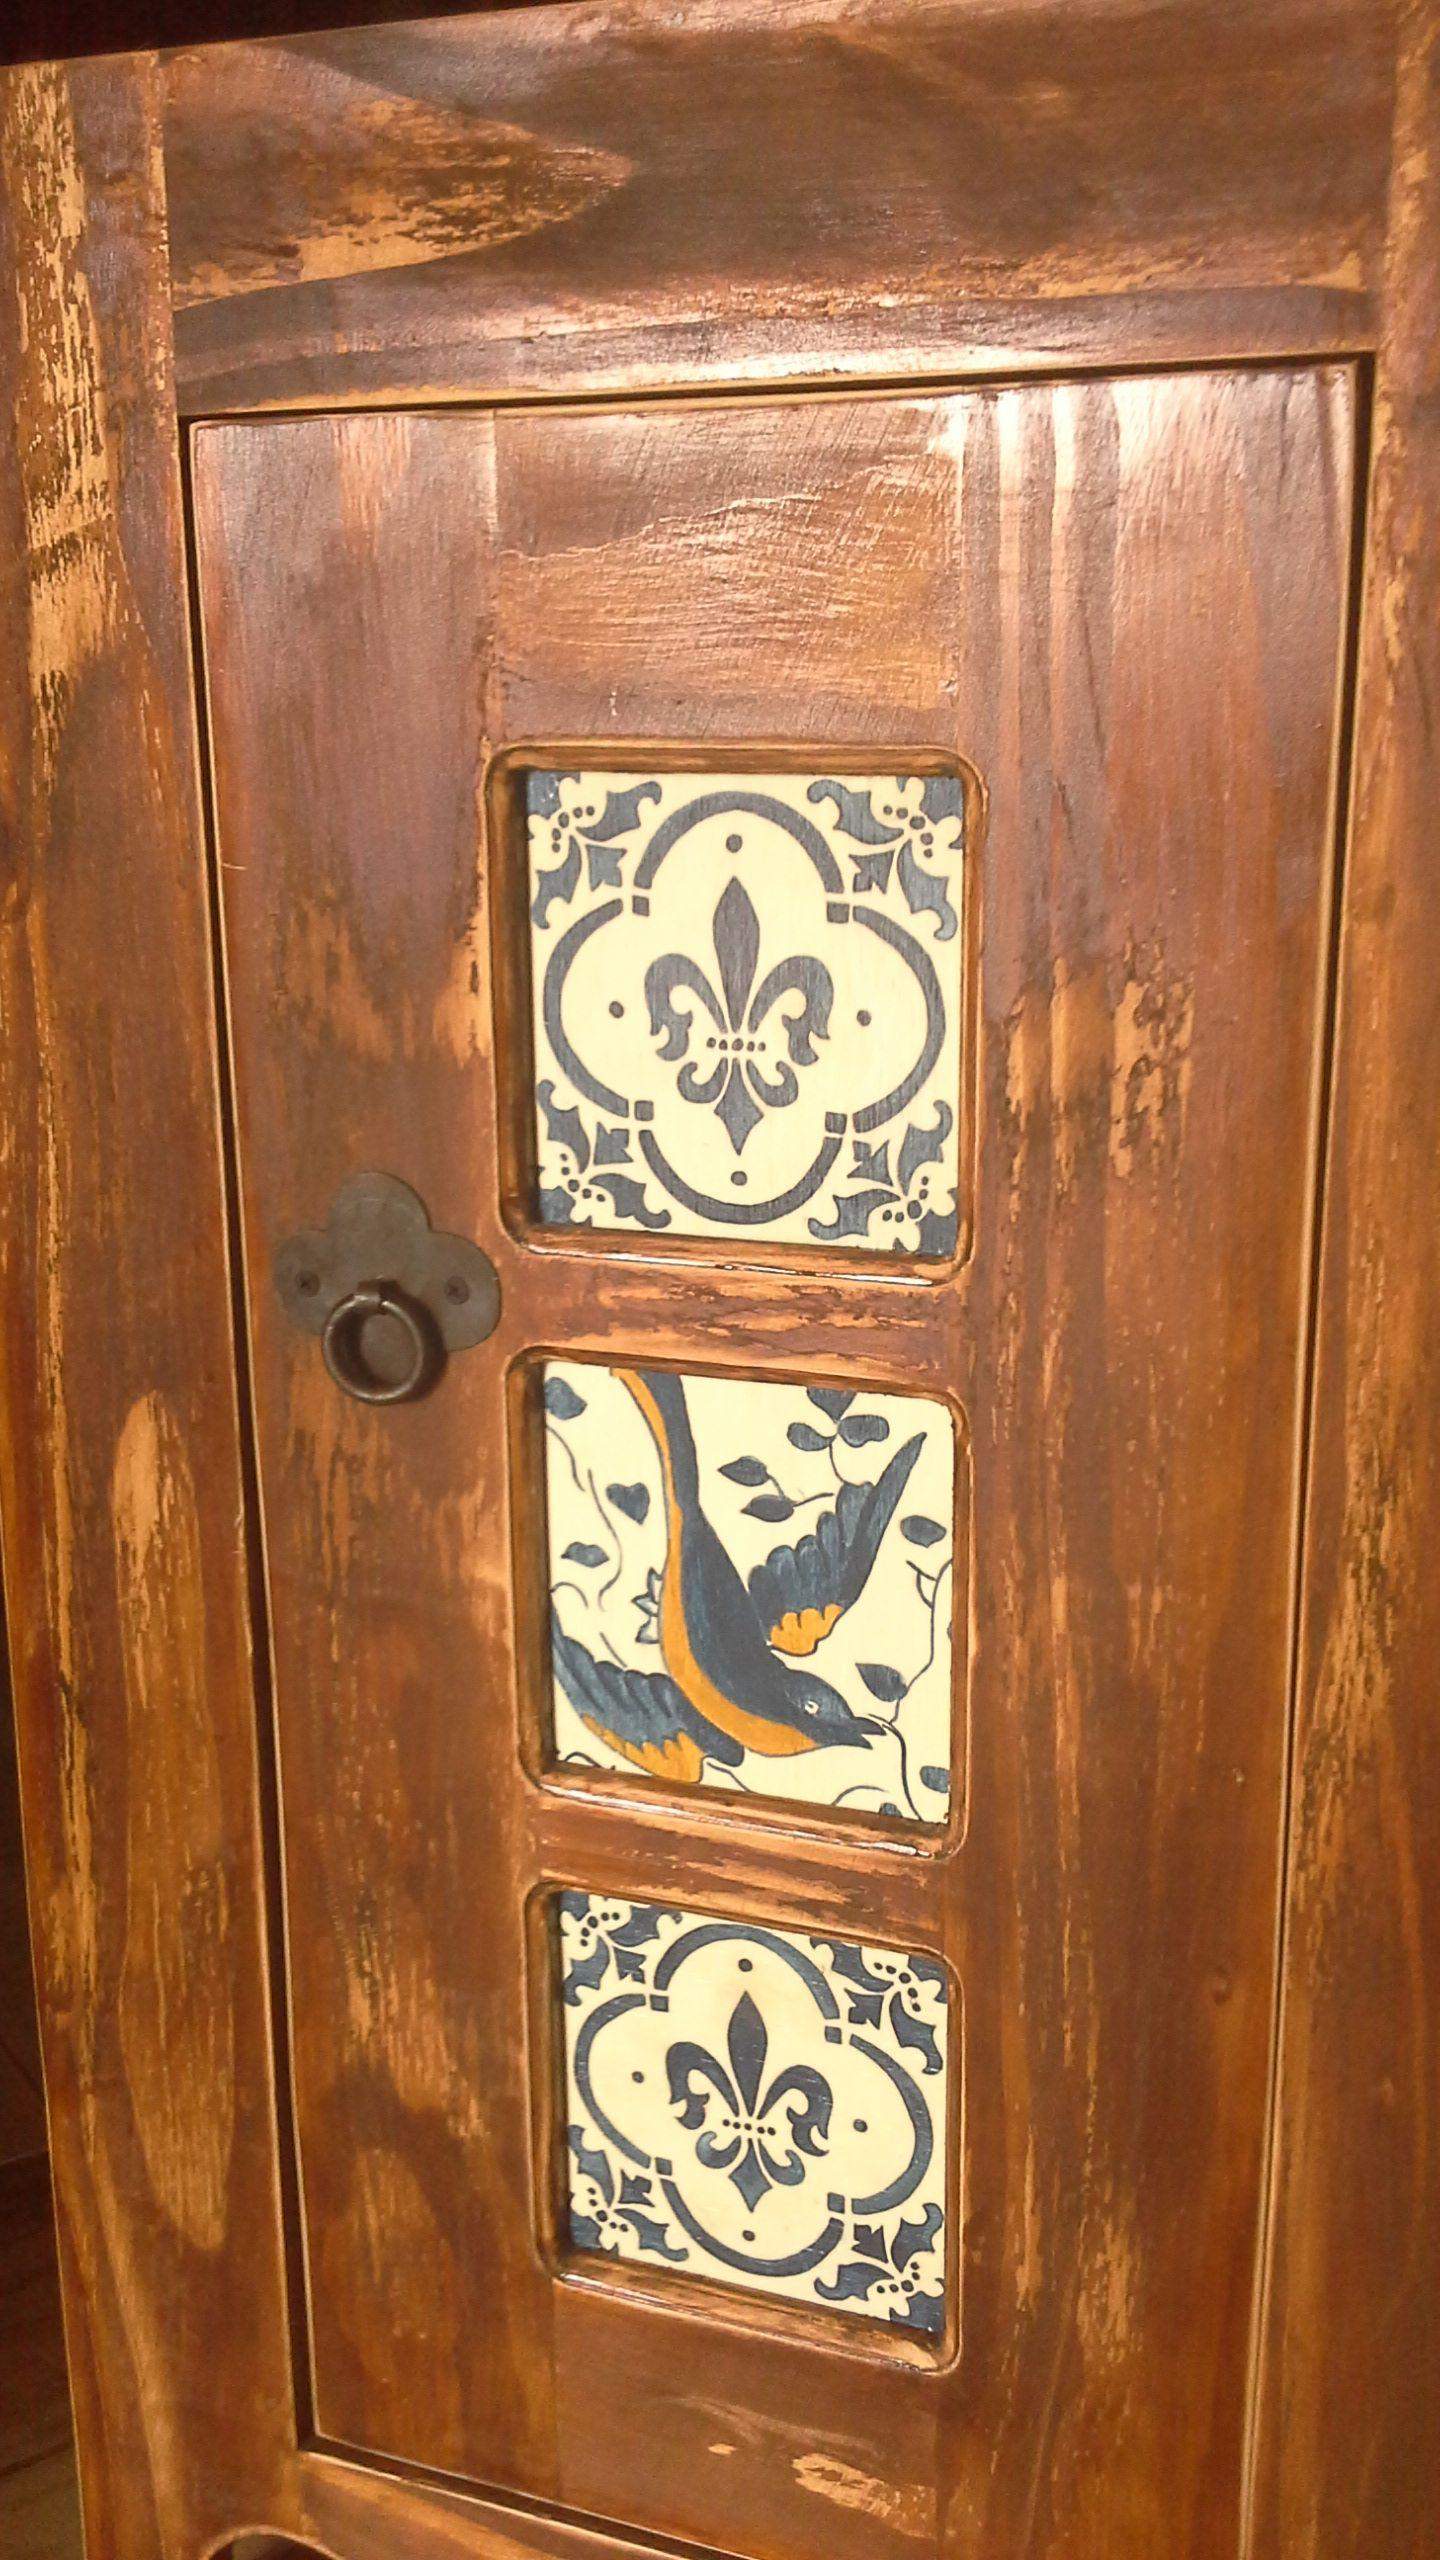 Aplicaci N De Las R Plicas Azulejos Portugueses De Madera En  # Muebles Potugueses